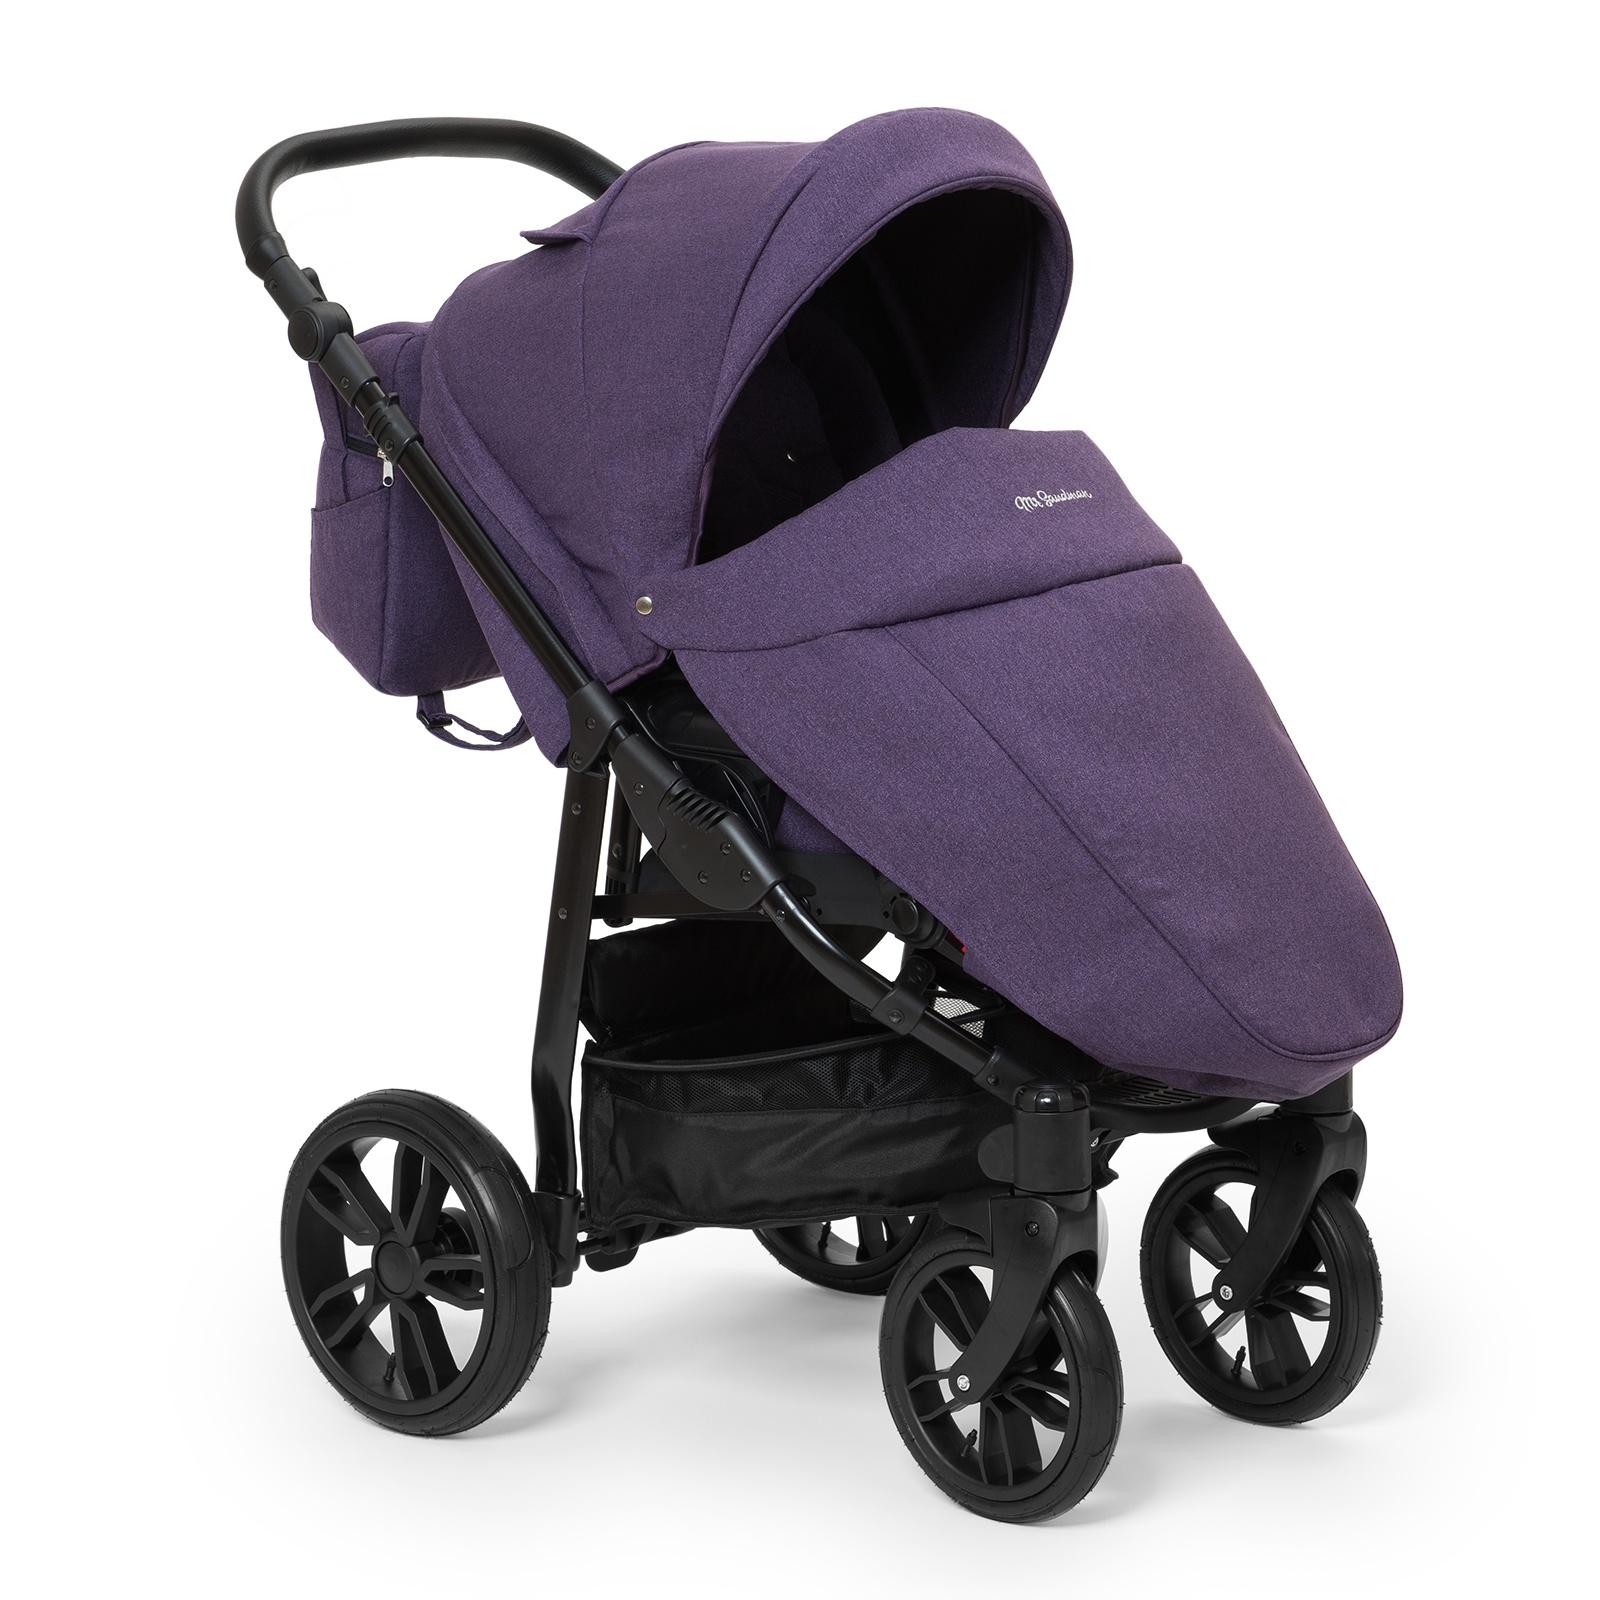 Коляска прогулочная Mr Sandman Vortex, цвет: фиолетовый коляска прогулочная mr sandman tour графит белый kmst 0552mr09